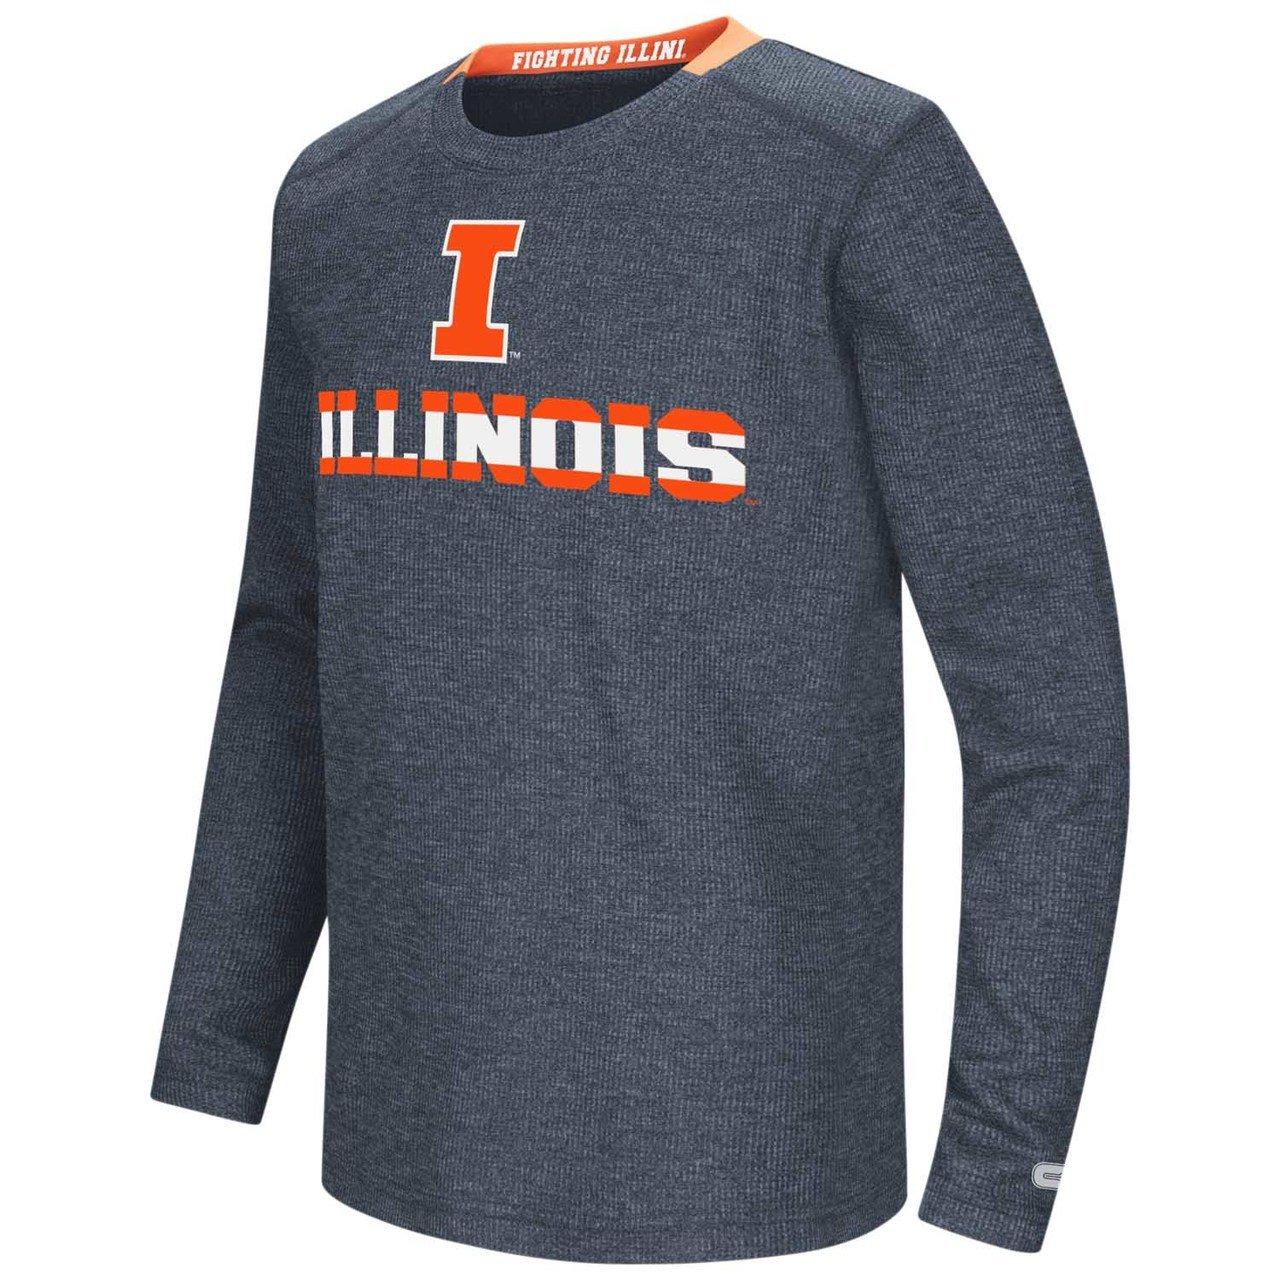 格安即決 Illinois/ Fighting IlliniコロシアムYouth B076CXCQRL SteffワッフルL Medium/ Sシャツ Medium B076CXCQRL, アウトドア専門店の九蔵:282ba8cc --- narvafouette.eu